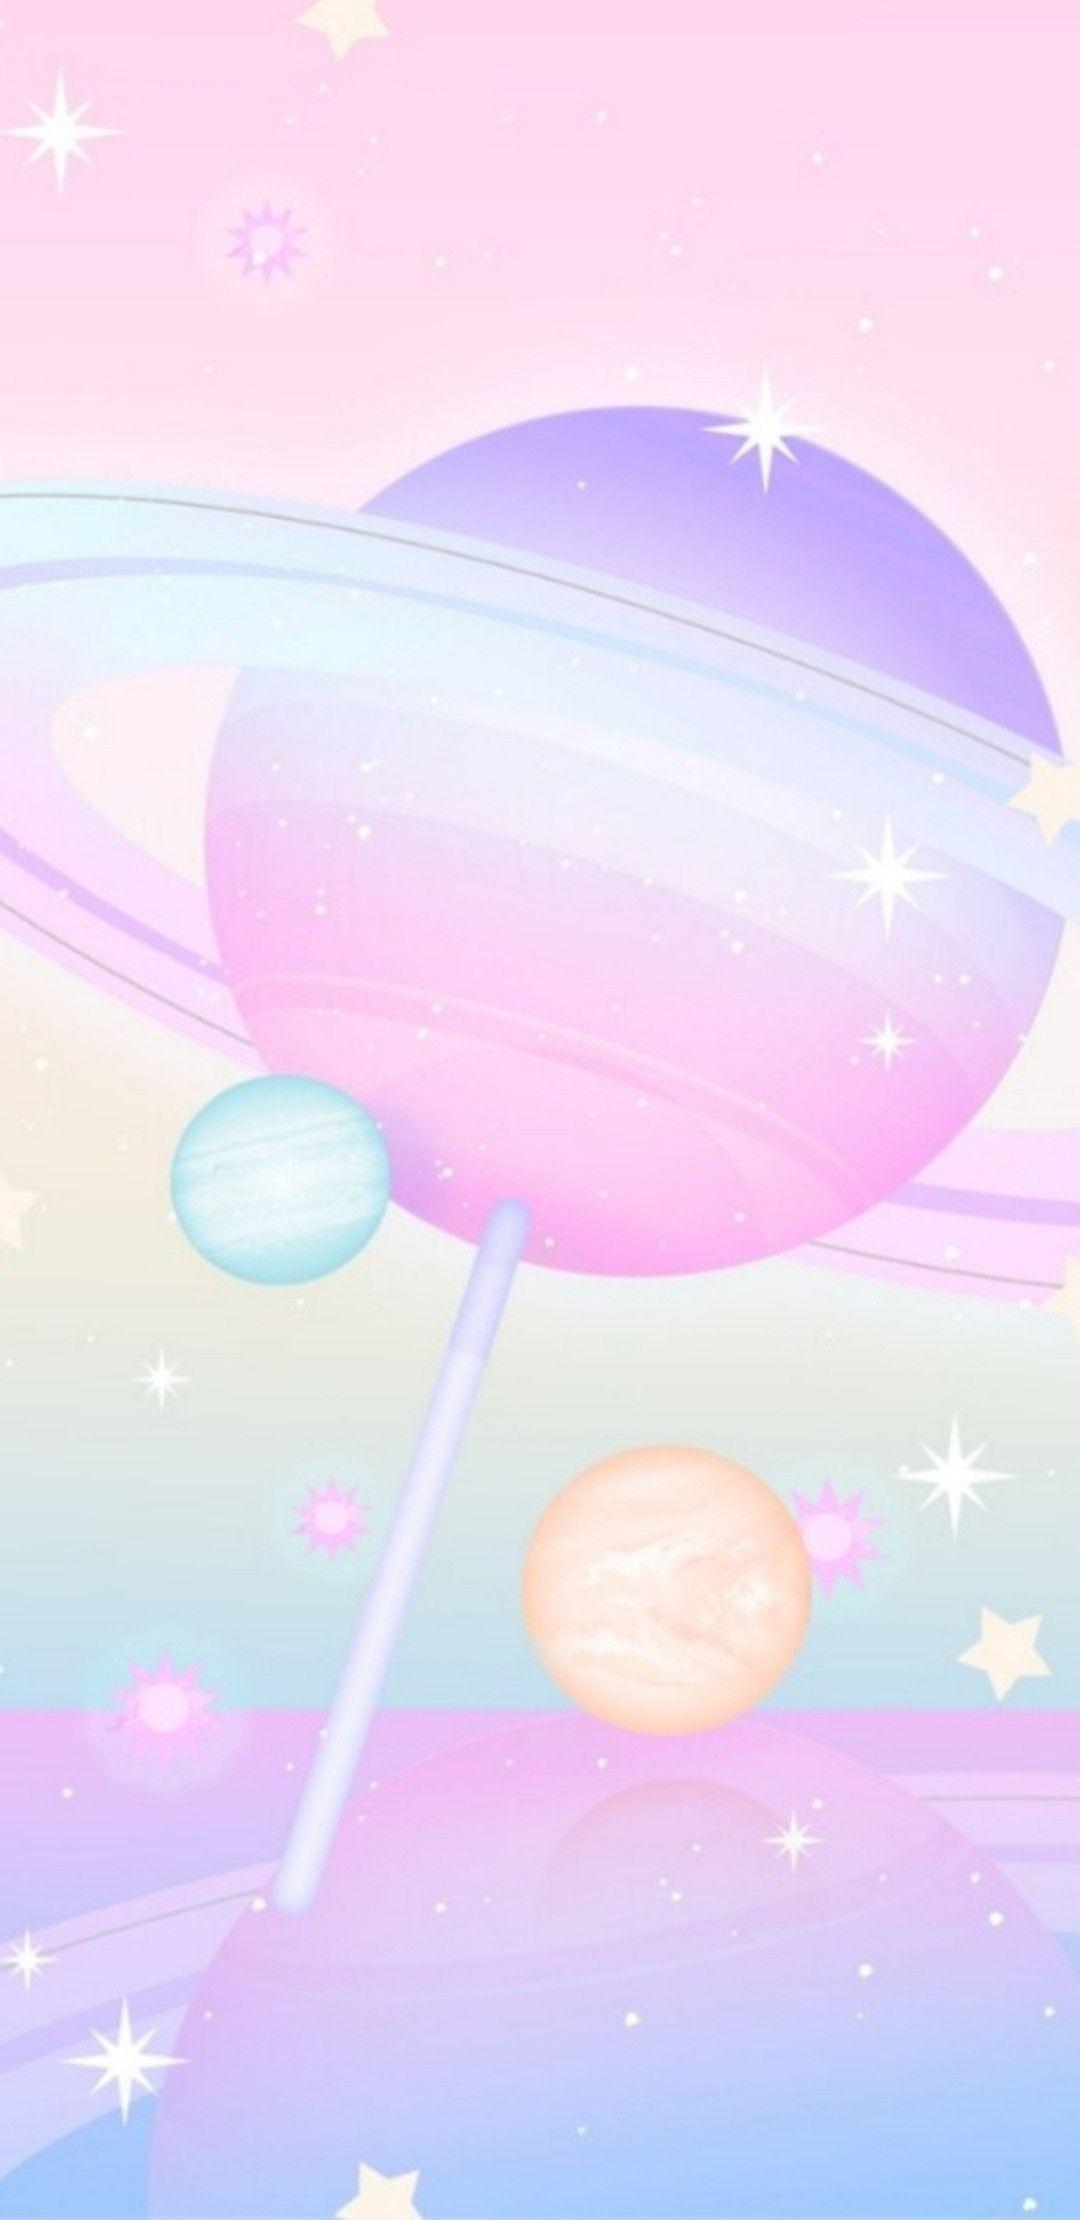 Iejekalenjaivabskaks Space Phone Wallpaper Kawaii Wallpaper Wallpaper Space